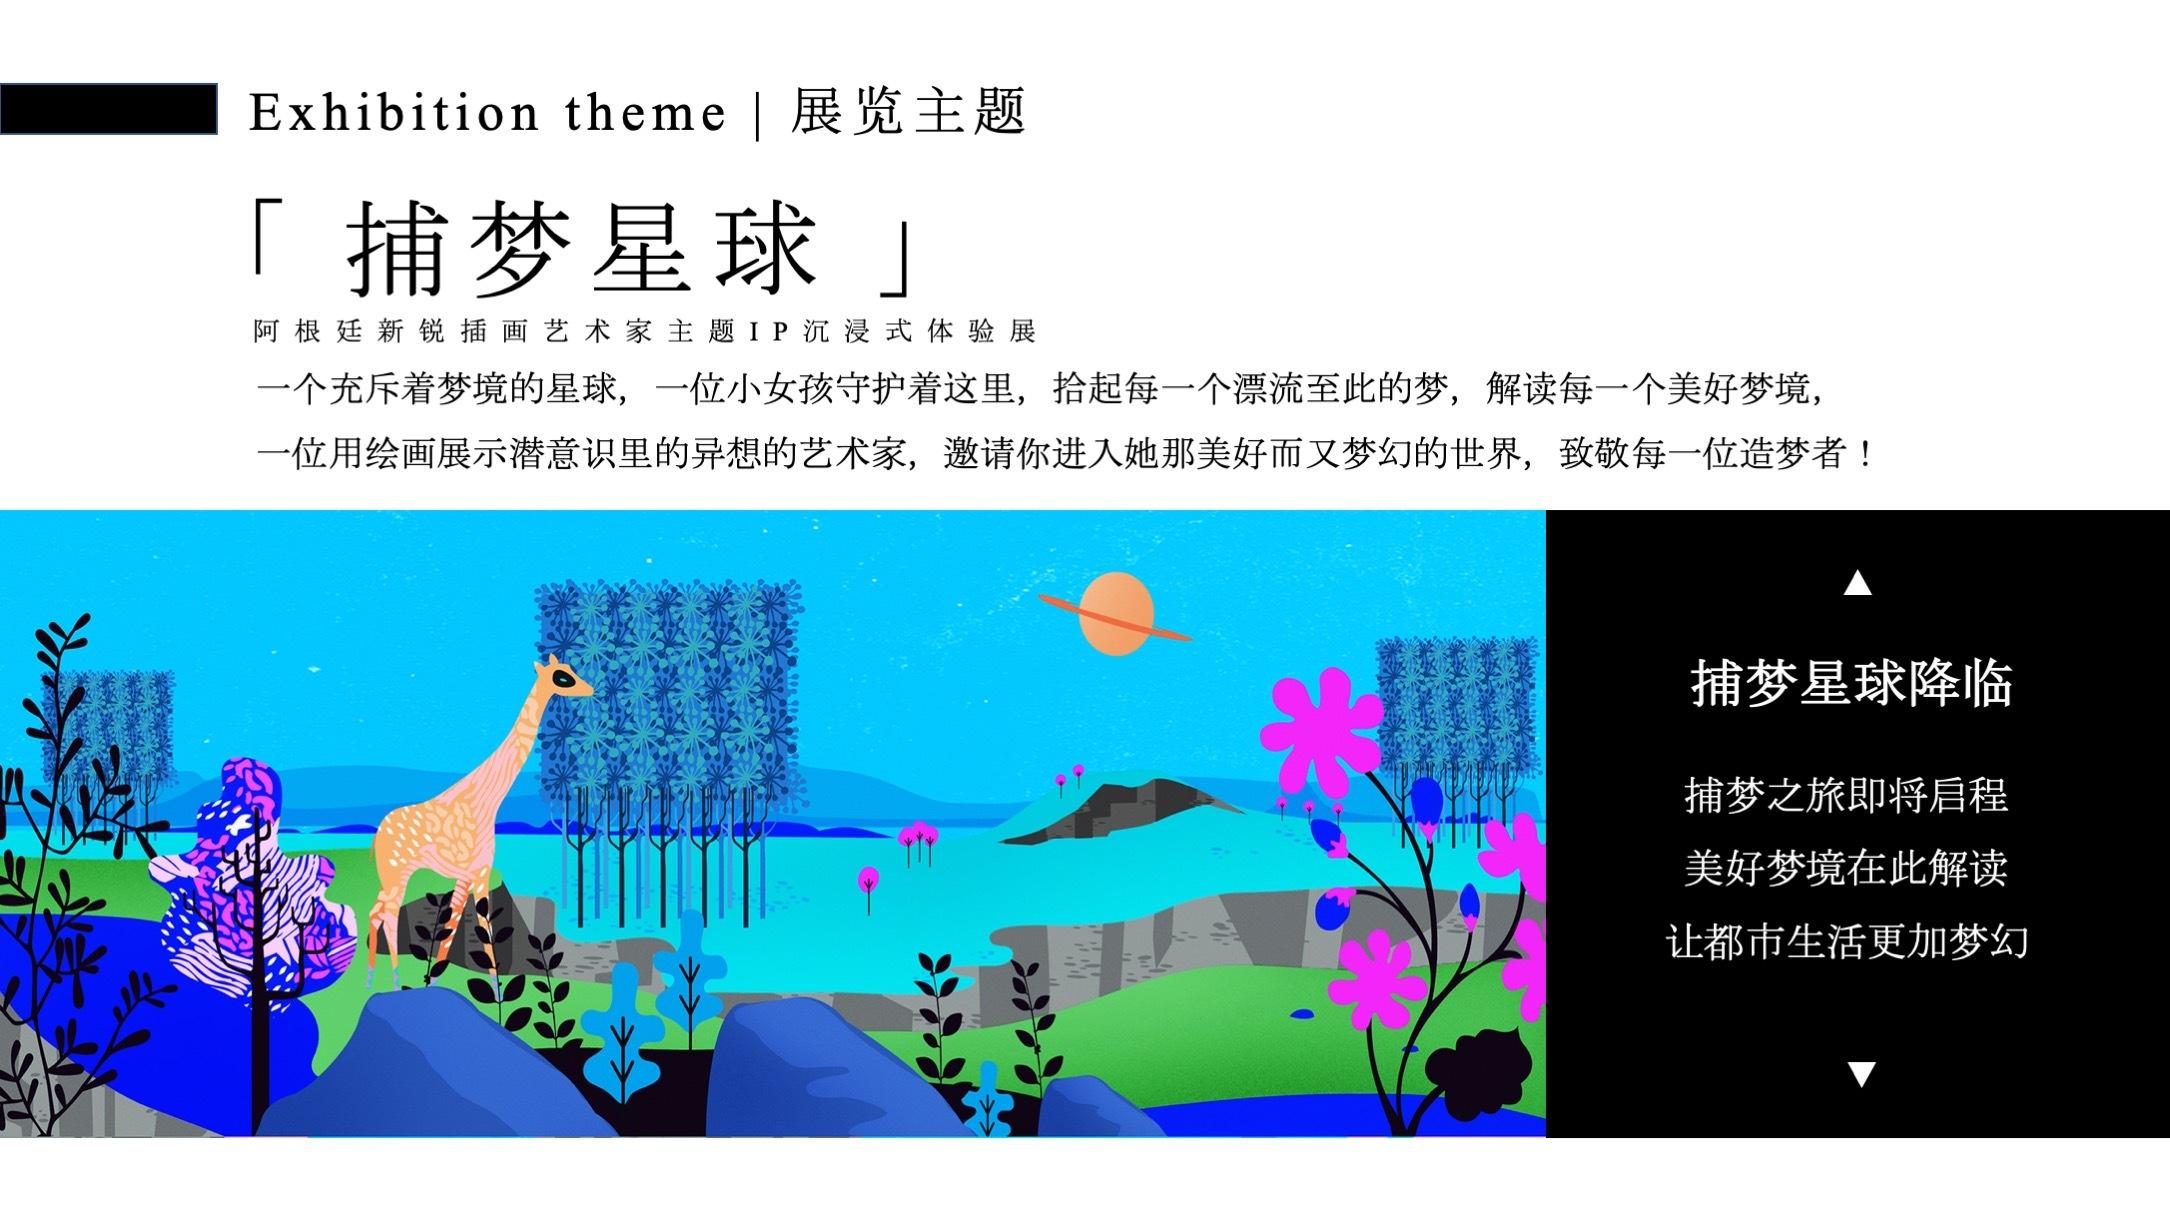 【捕梦星球】阿根廷新锐插画艺术家微拉·埃斯卡兰特—感映艺术